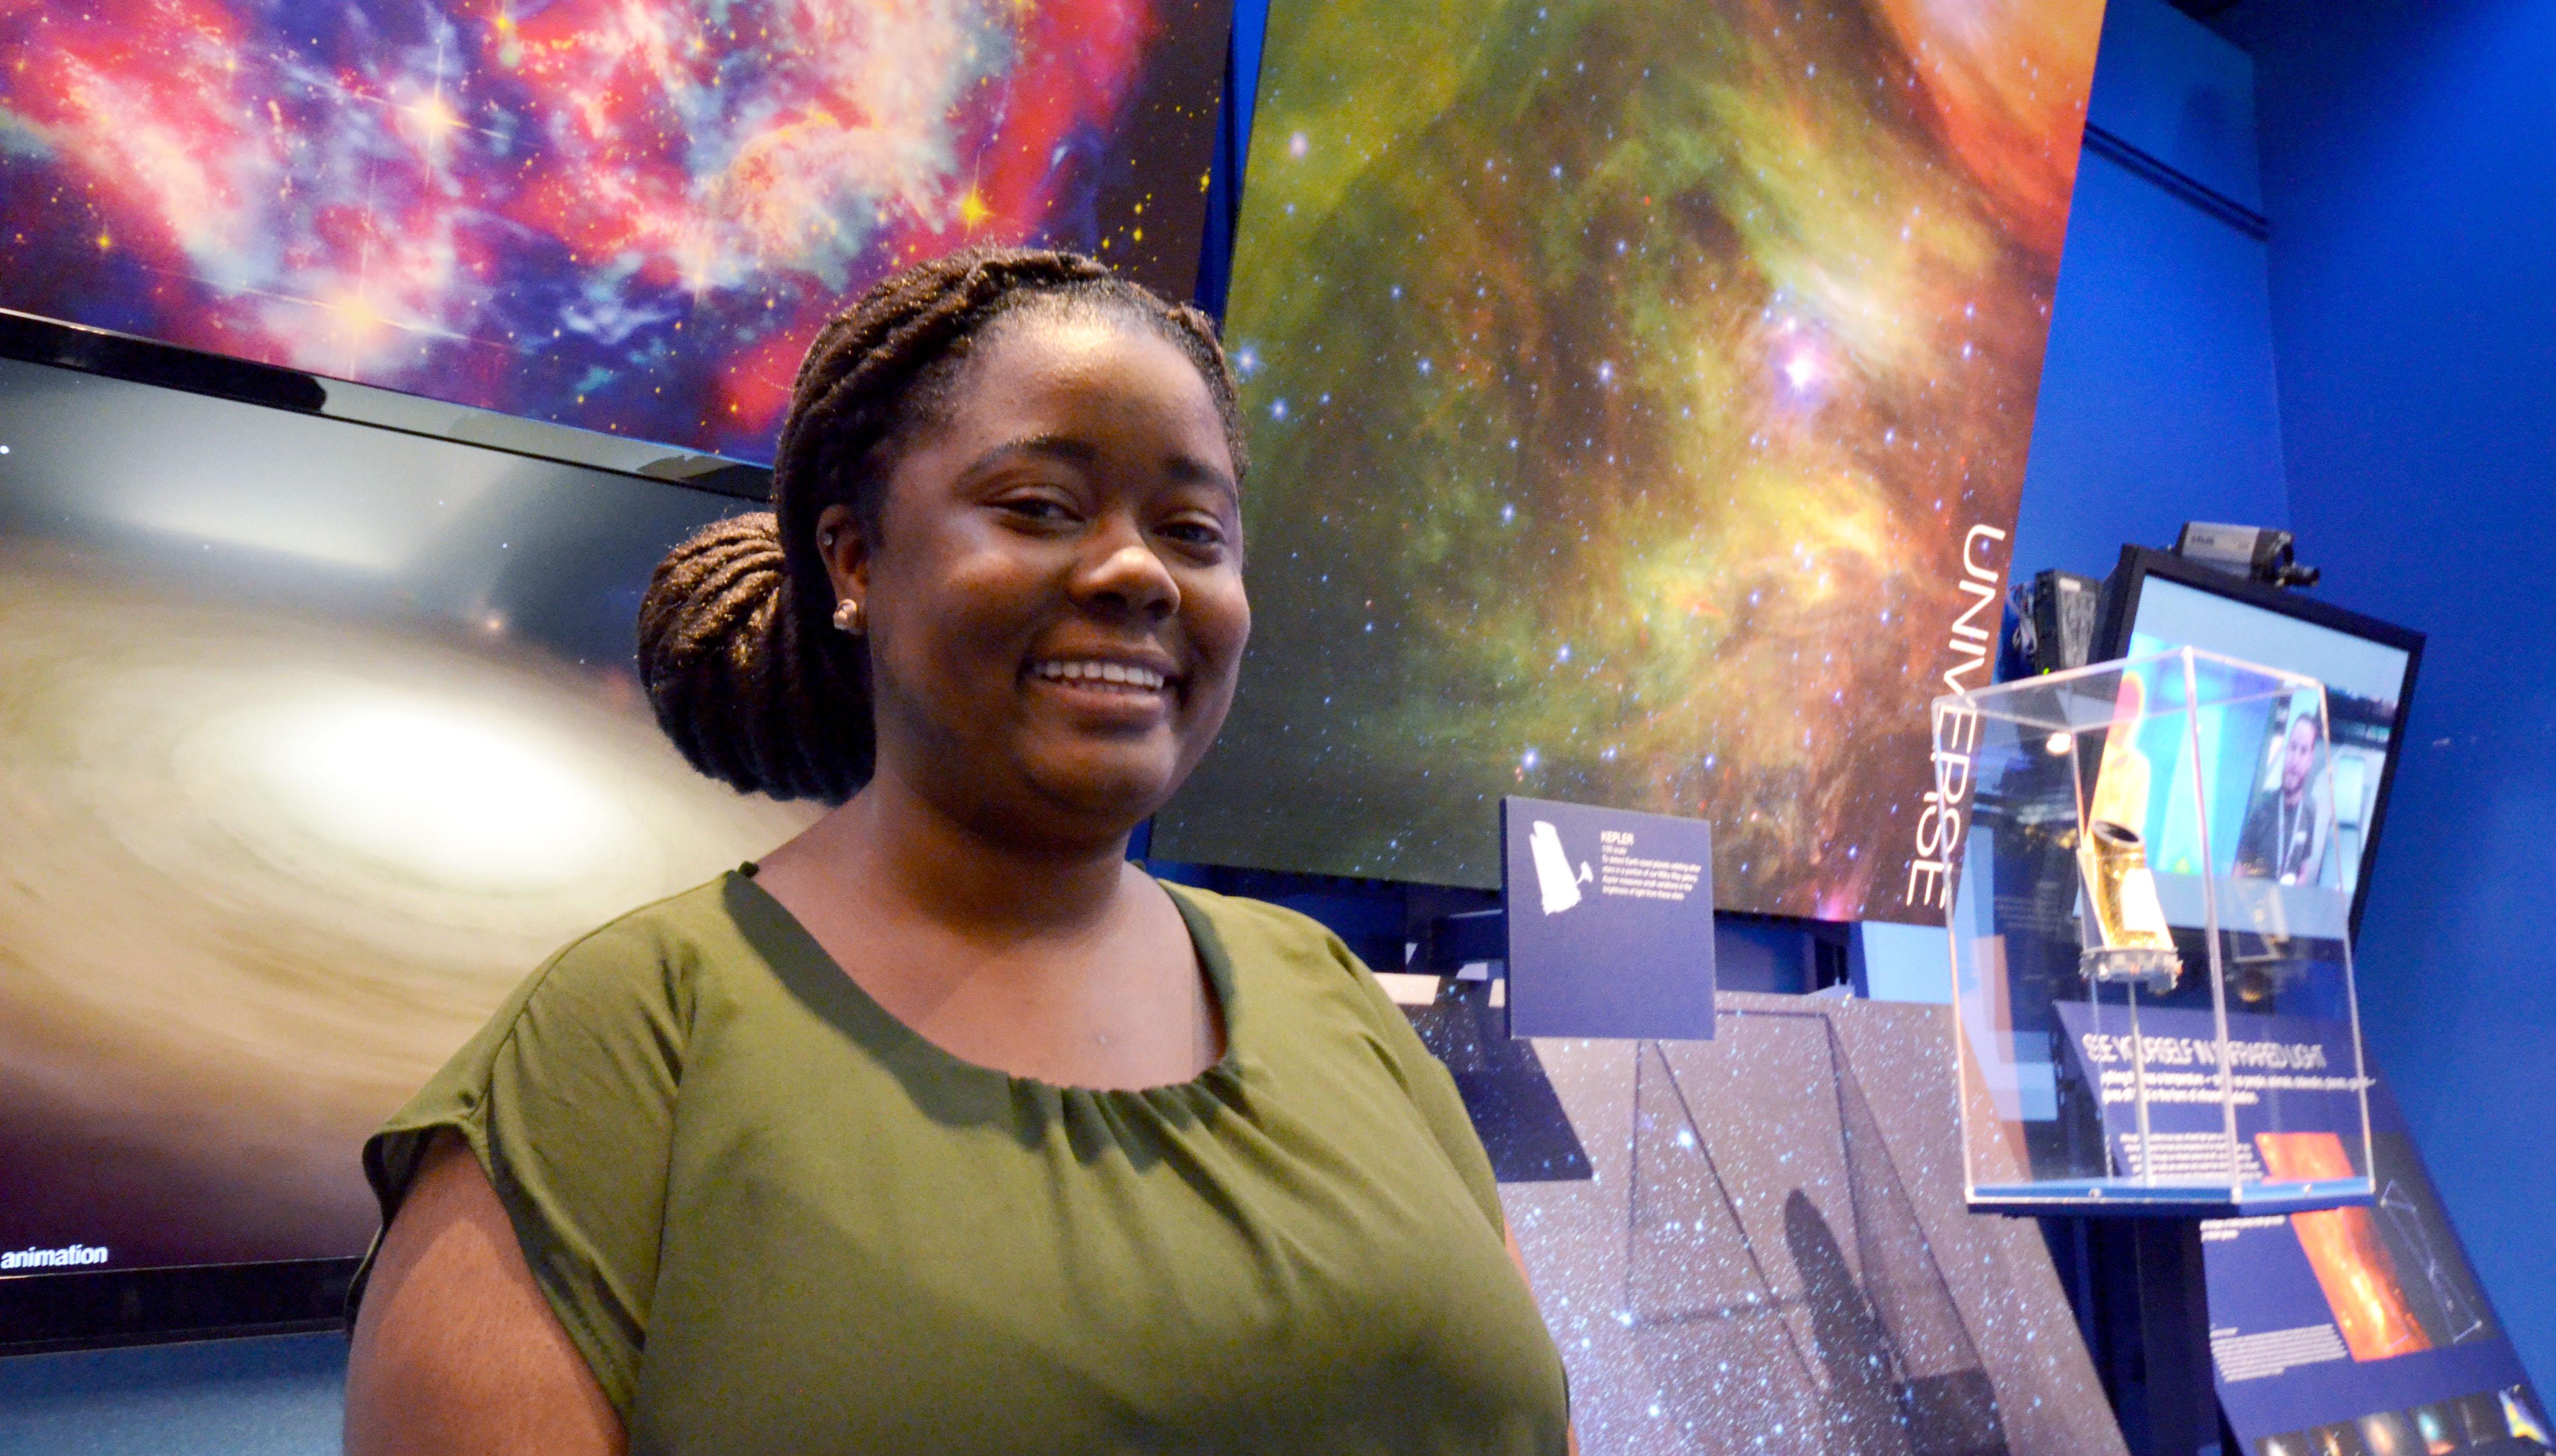 Kiana Williams at NASA's Jet Propulsion Laboratory